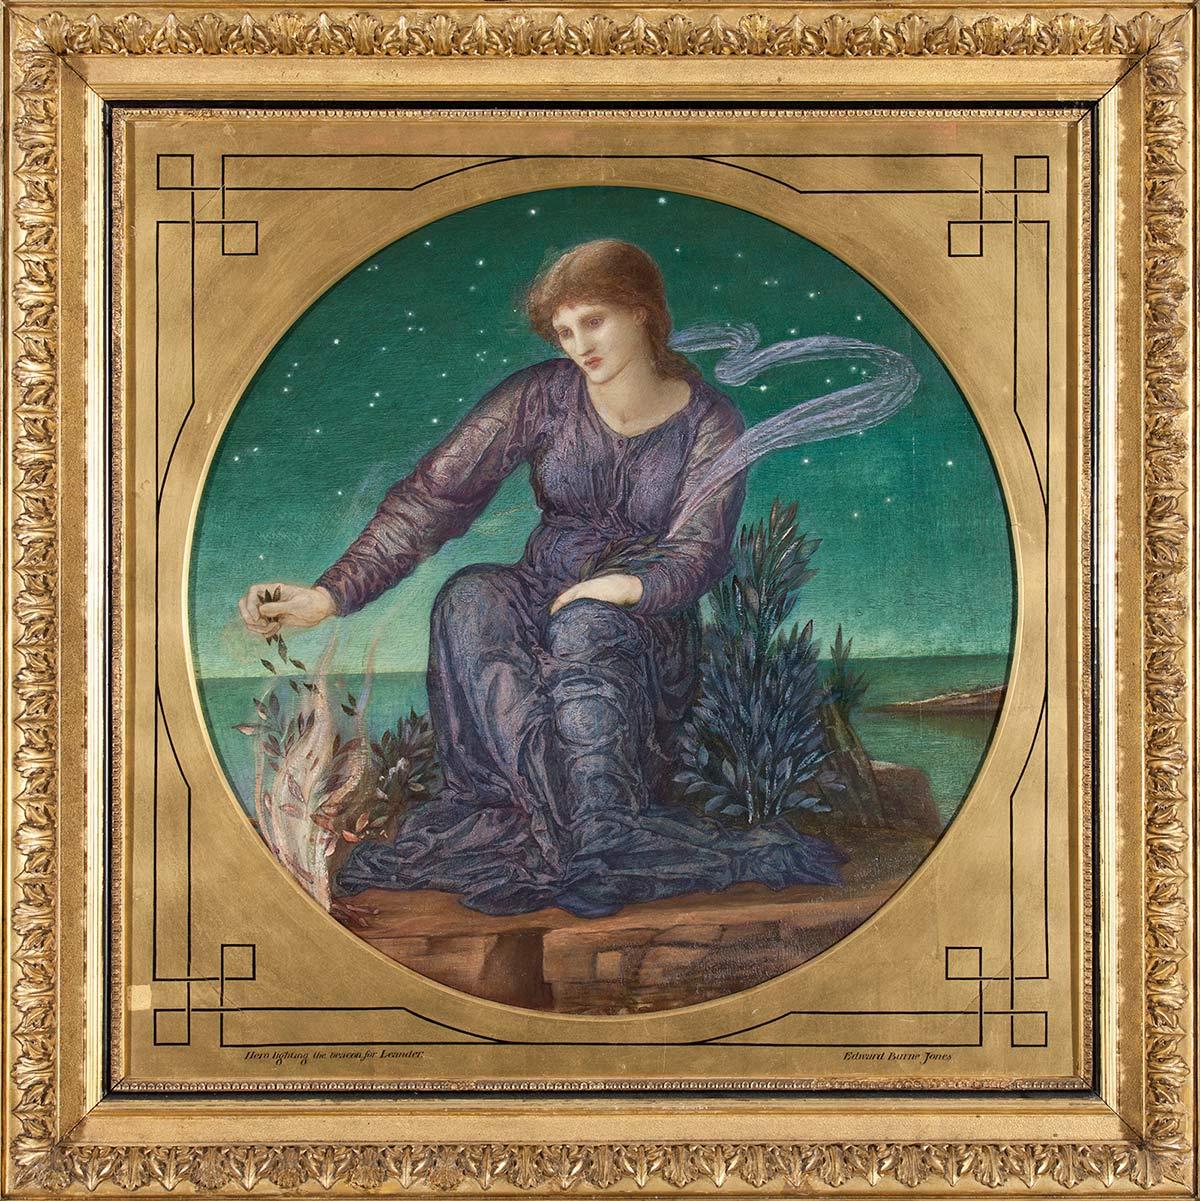 Hero Lighting the Beacon for Leander, by Edward C. Burne-Jones